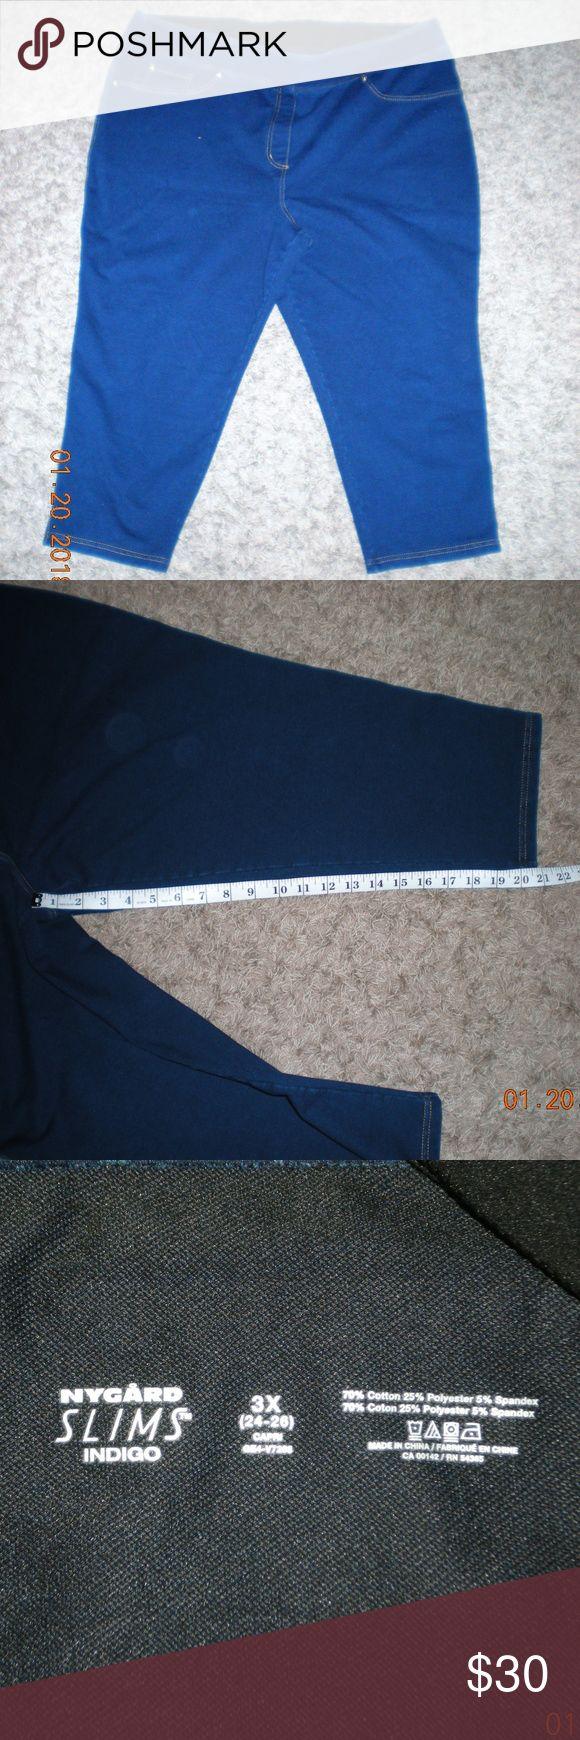 NYGARD Slims Jean/Leggings Capris 3x (24-26) NYGARD Slims Jean/Leggings Capris 3x (24-26) Never worn, great stretch. Peter Nygard Jeans